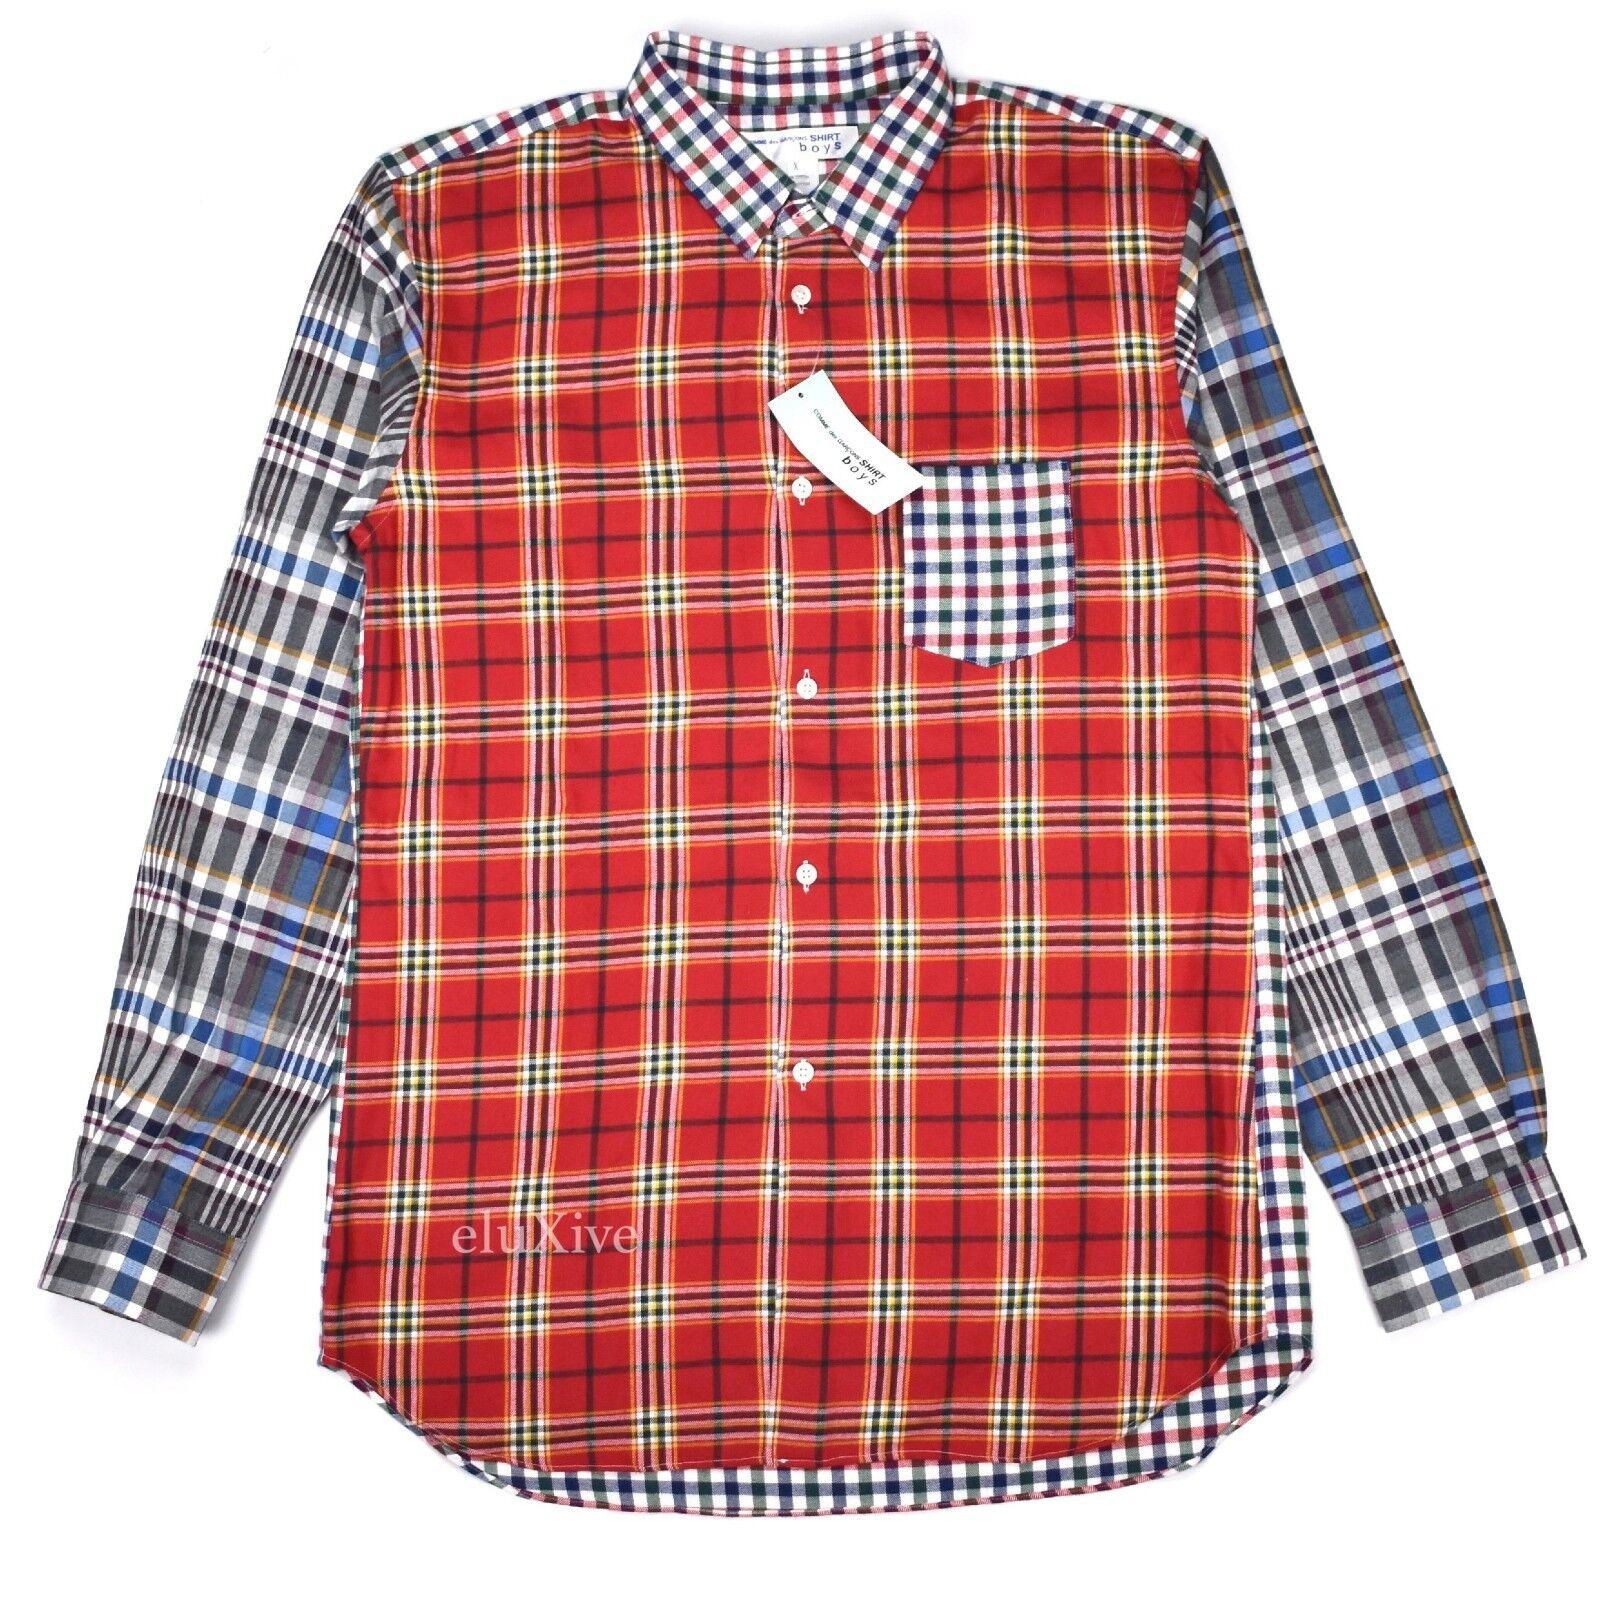 NWT  Comme des Garcons SHIRT Boys Men's Patchwork Plain Flannel XL AUTHENTIC